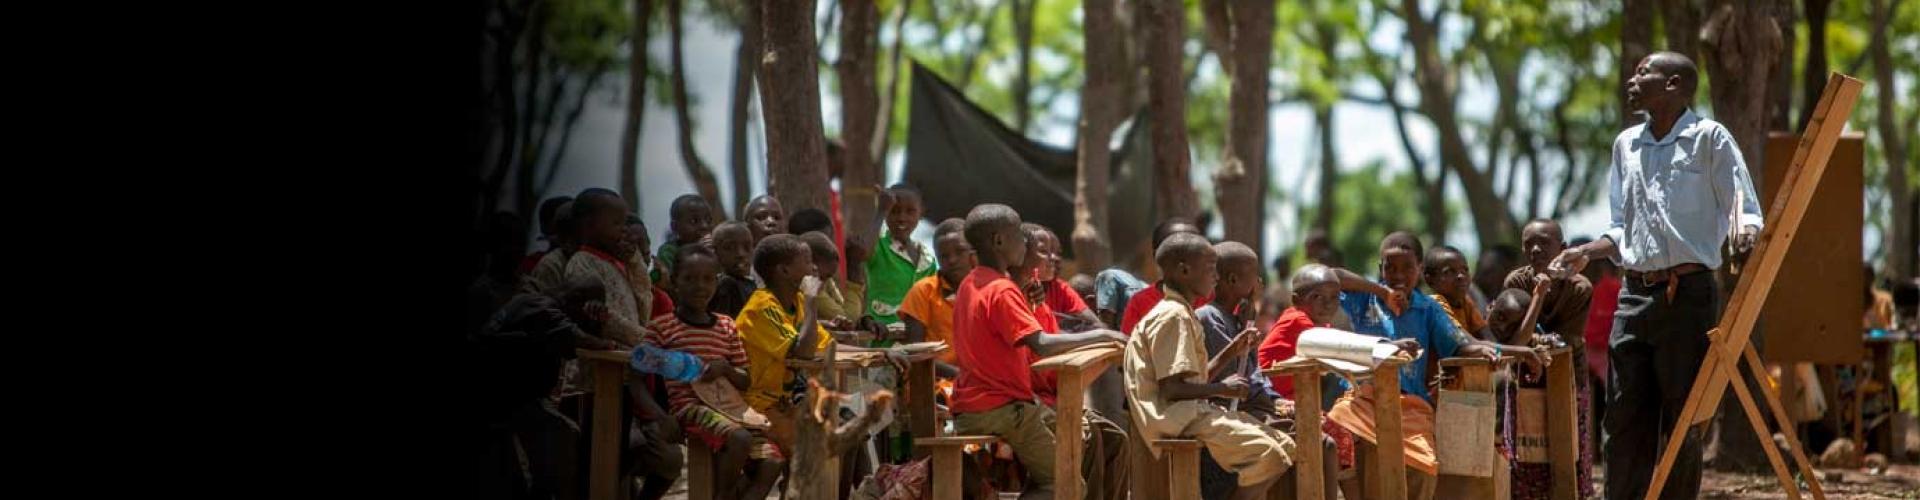 รายงานจาก UNHCR เผย เด็กผู้ลี้ภัยหลายล้านคนไม่มีโอกาสทางการศึกษา